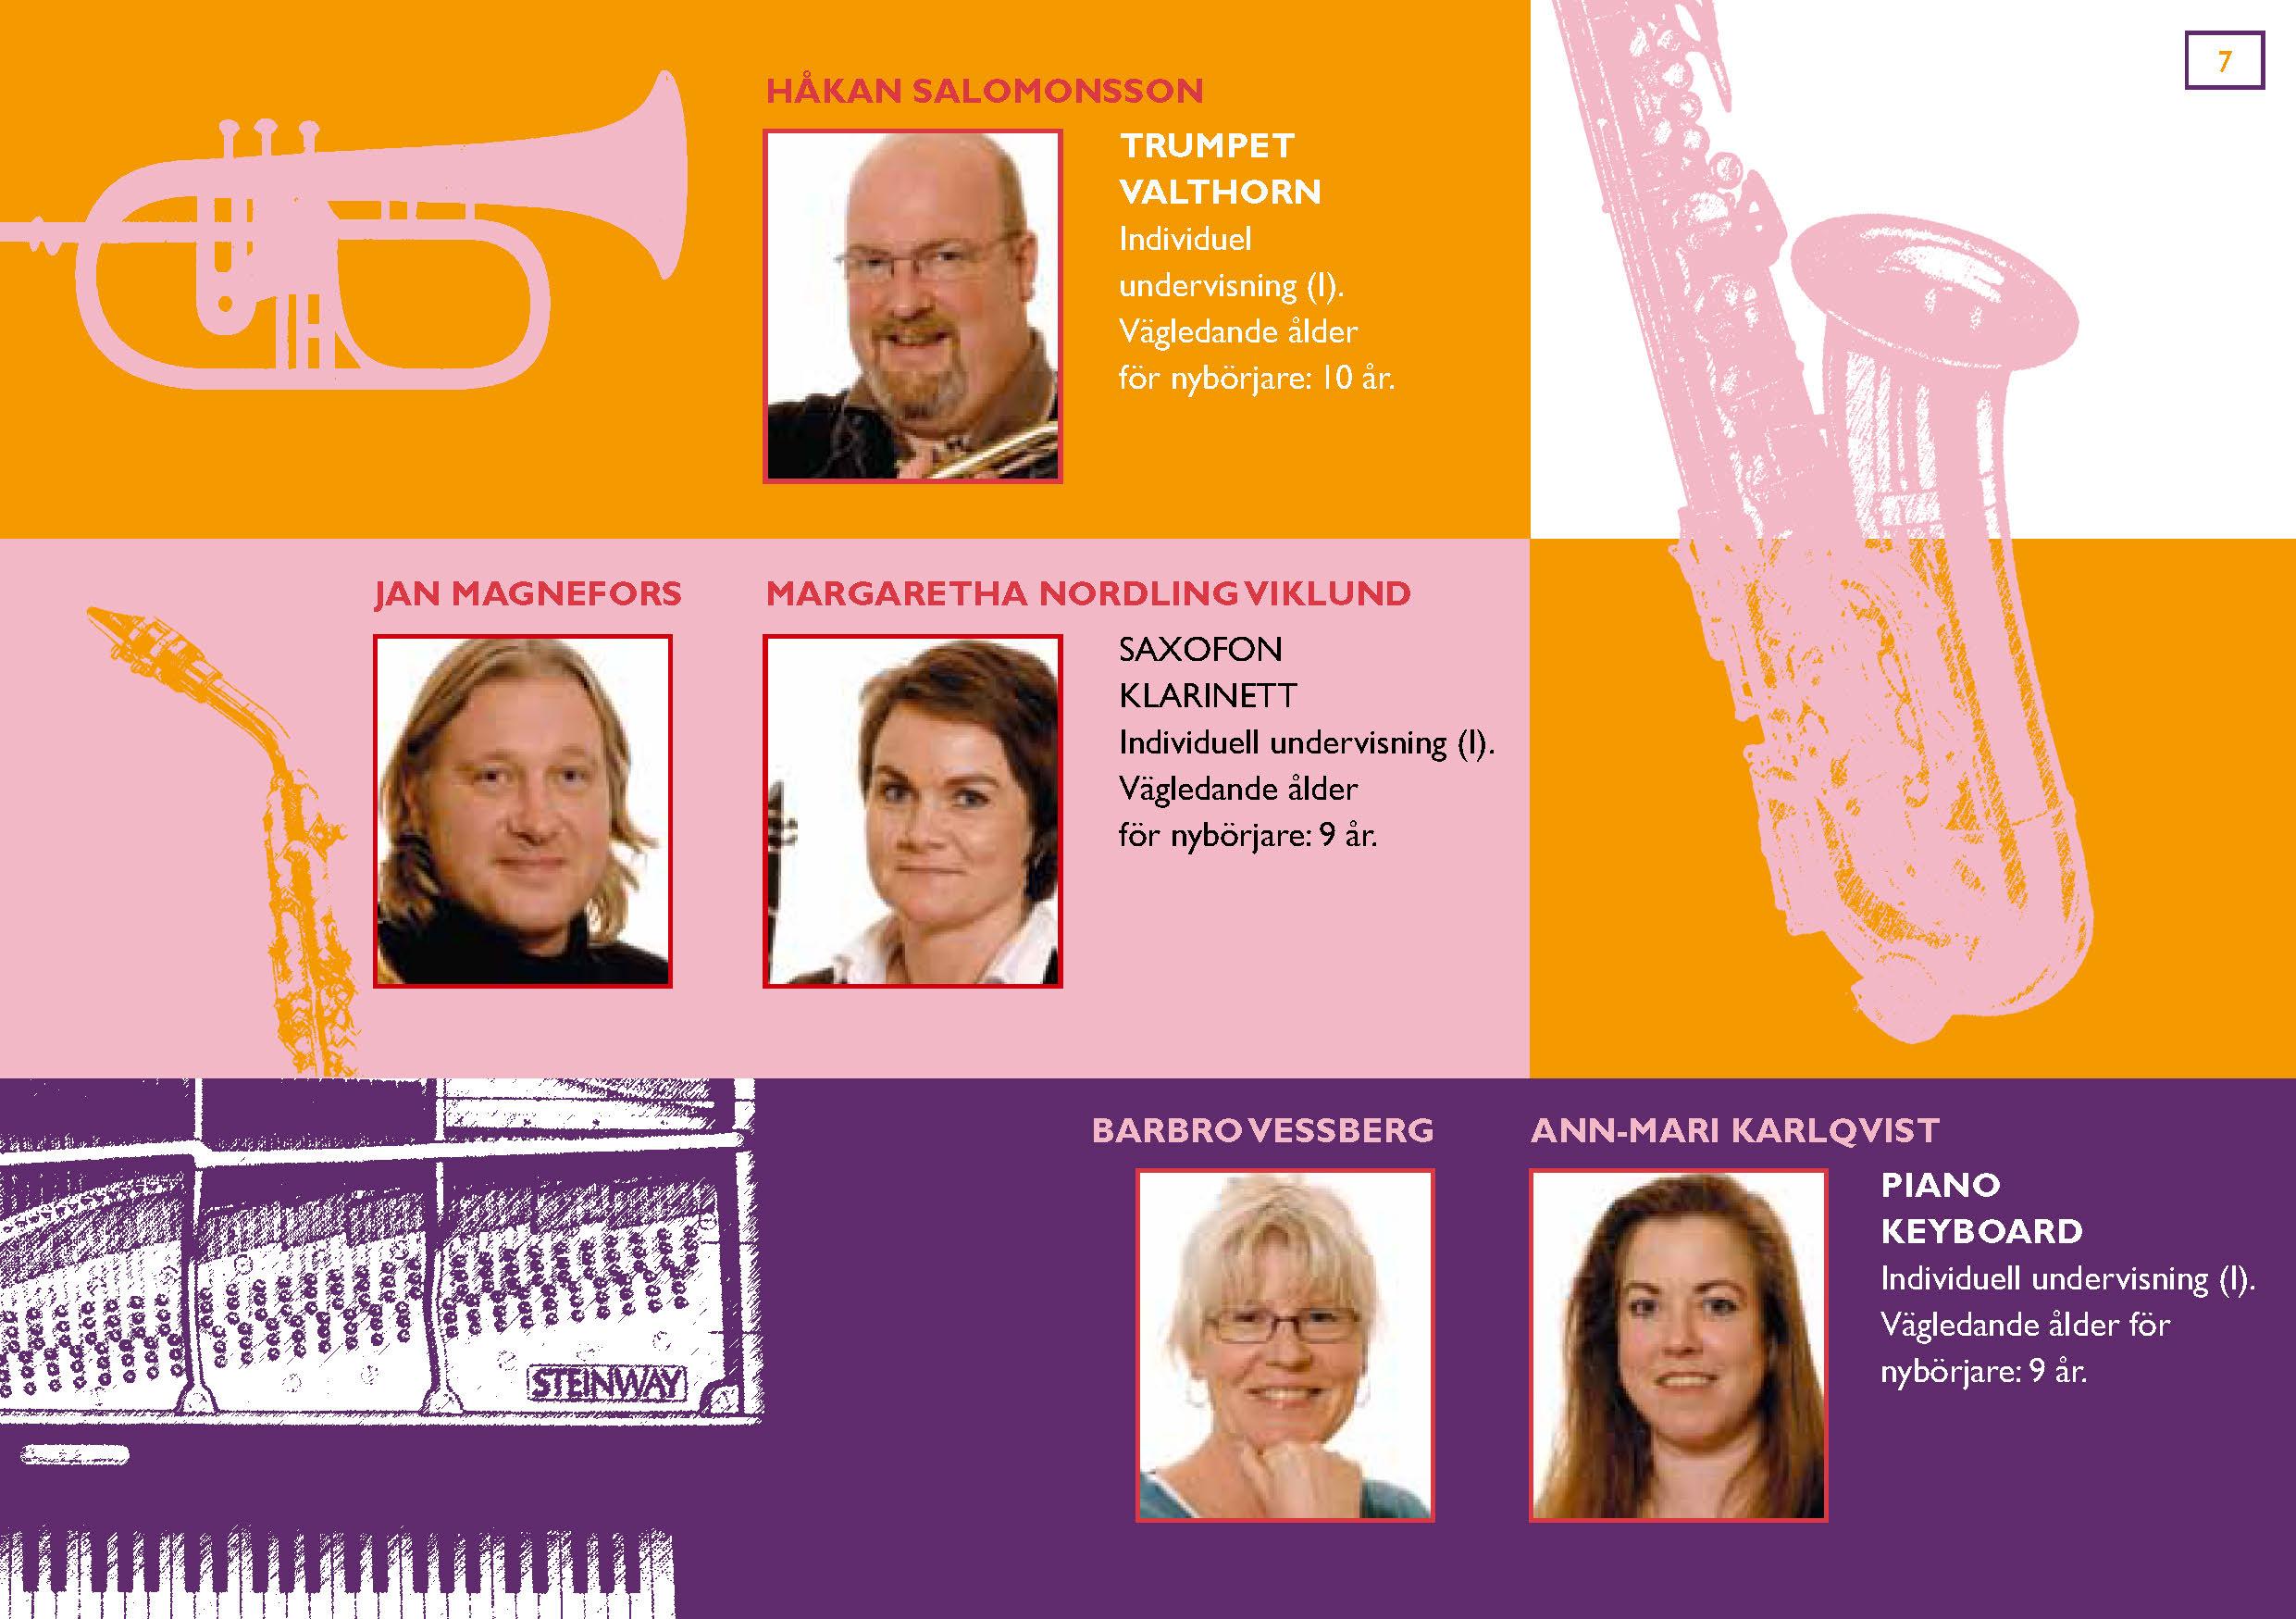 musikskolan_0809_Page_07.jpg